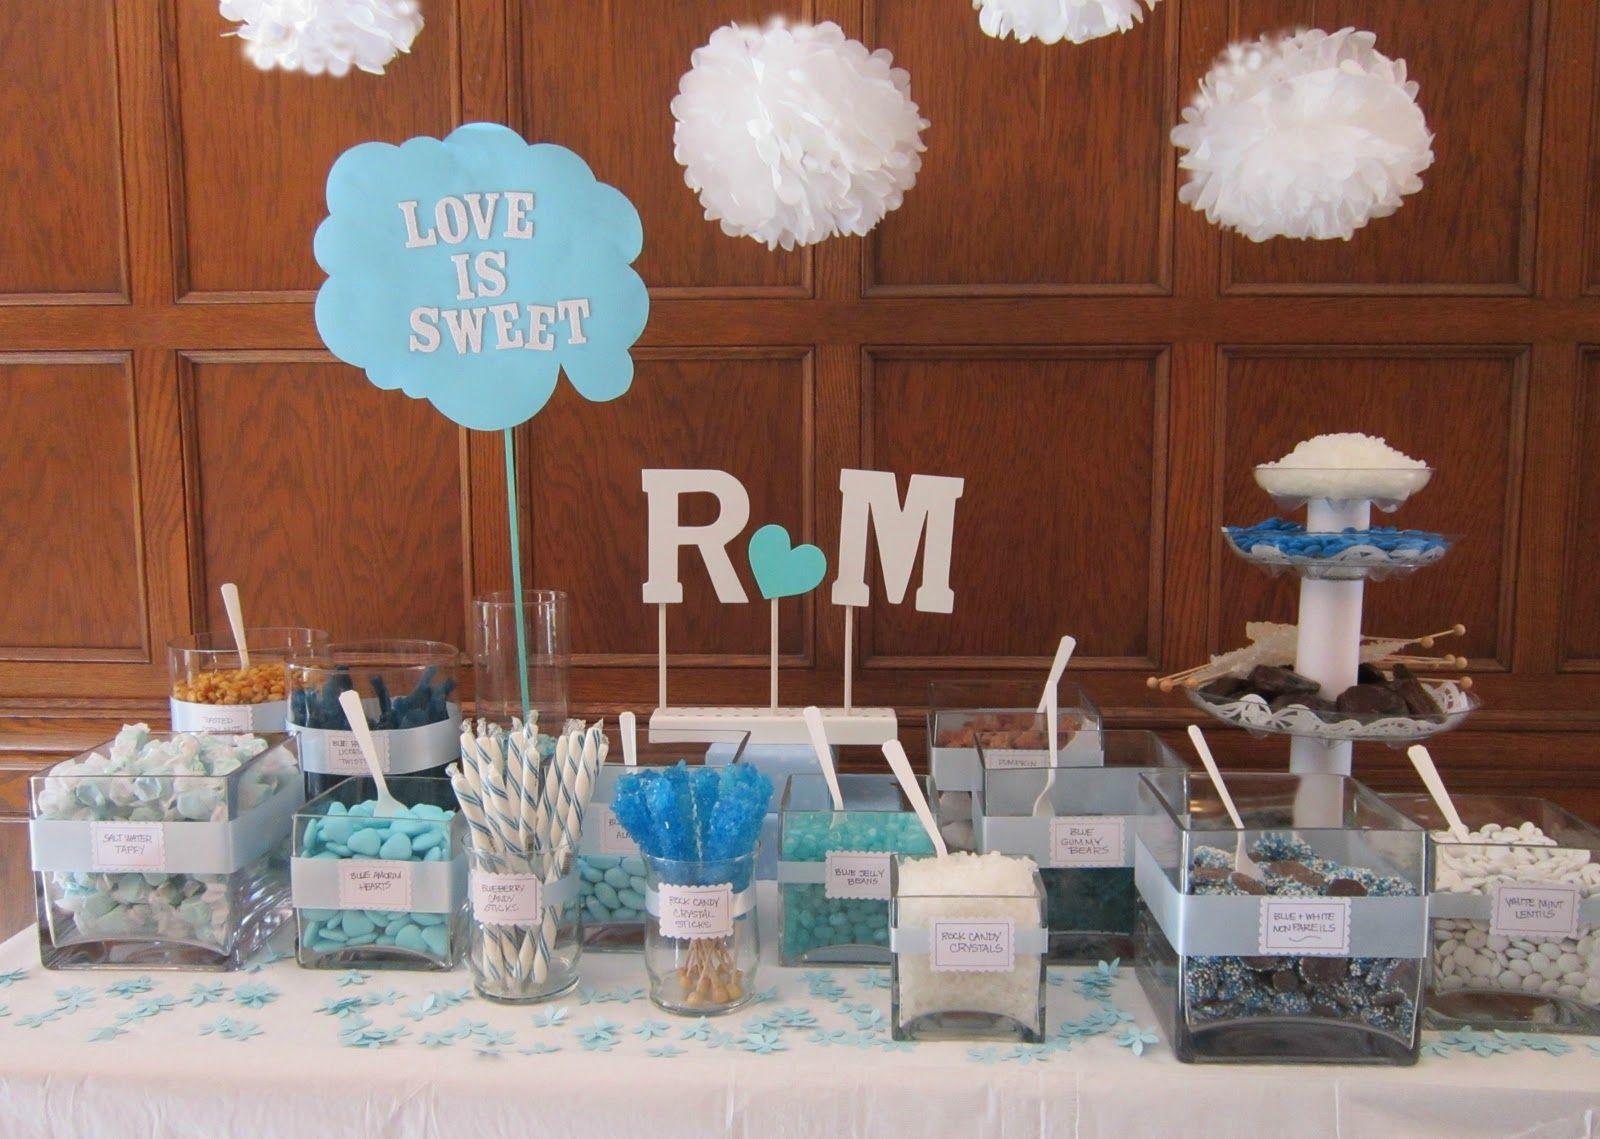 Design Megillah 11 14 11 Engagement Party Decorations